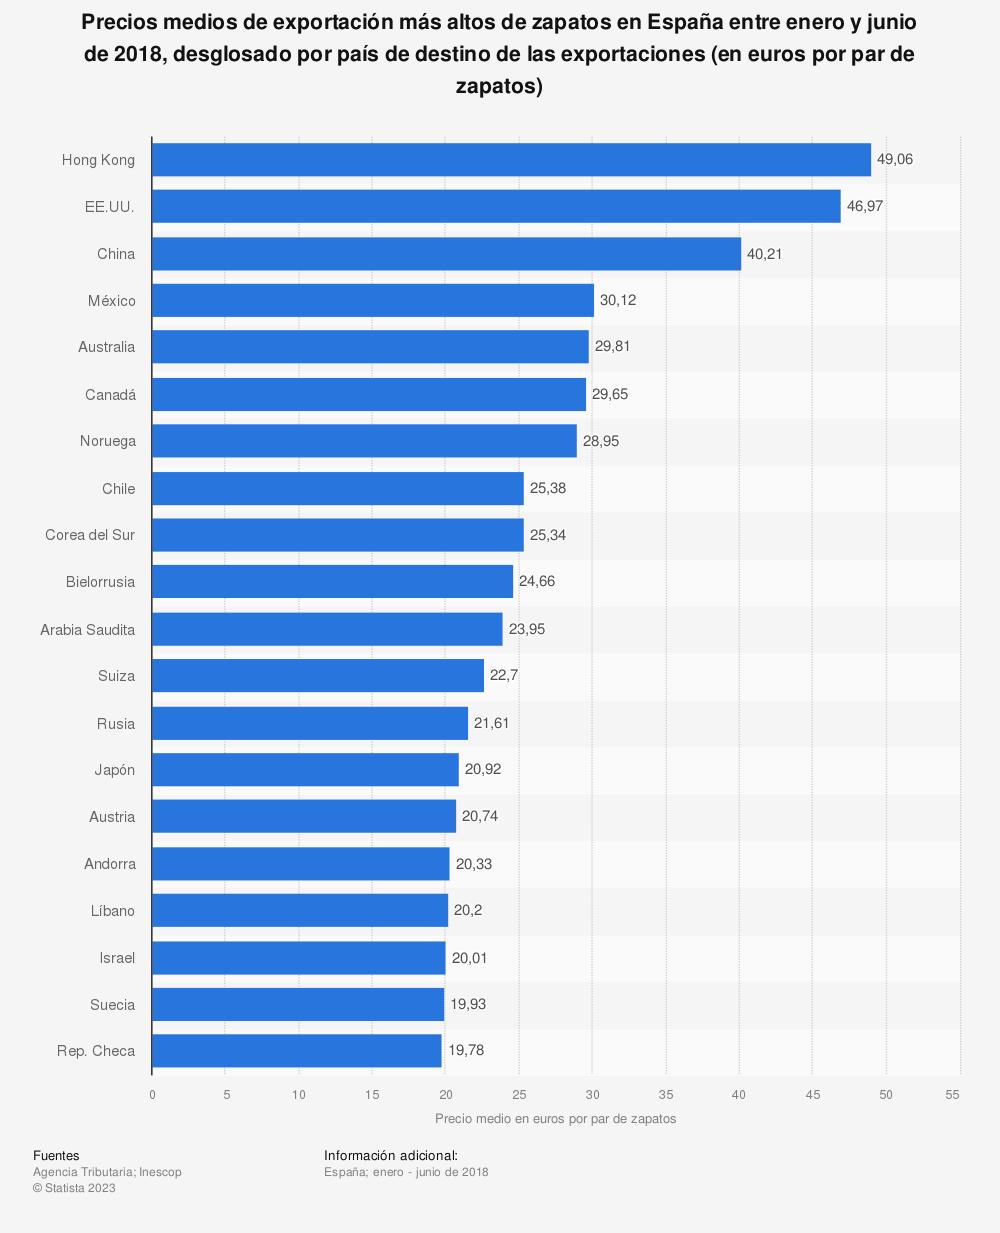 Estadística: Precios medios de exportación más altos de zapatos en España entre enero y junio de 2018, desglosado por país de destino de las exportaciones (en euros por par de zapatos) | Statista